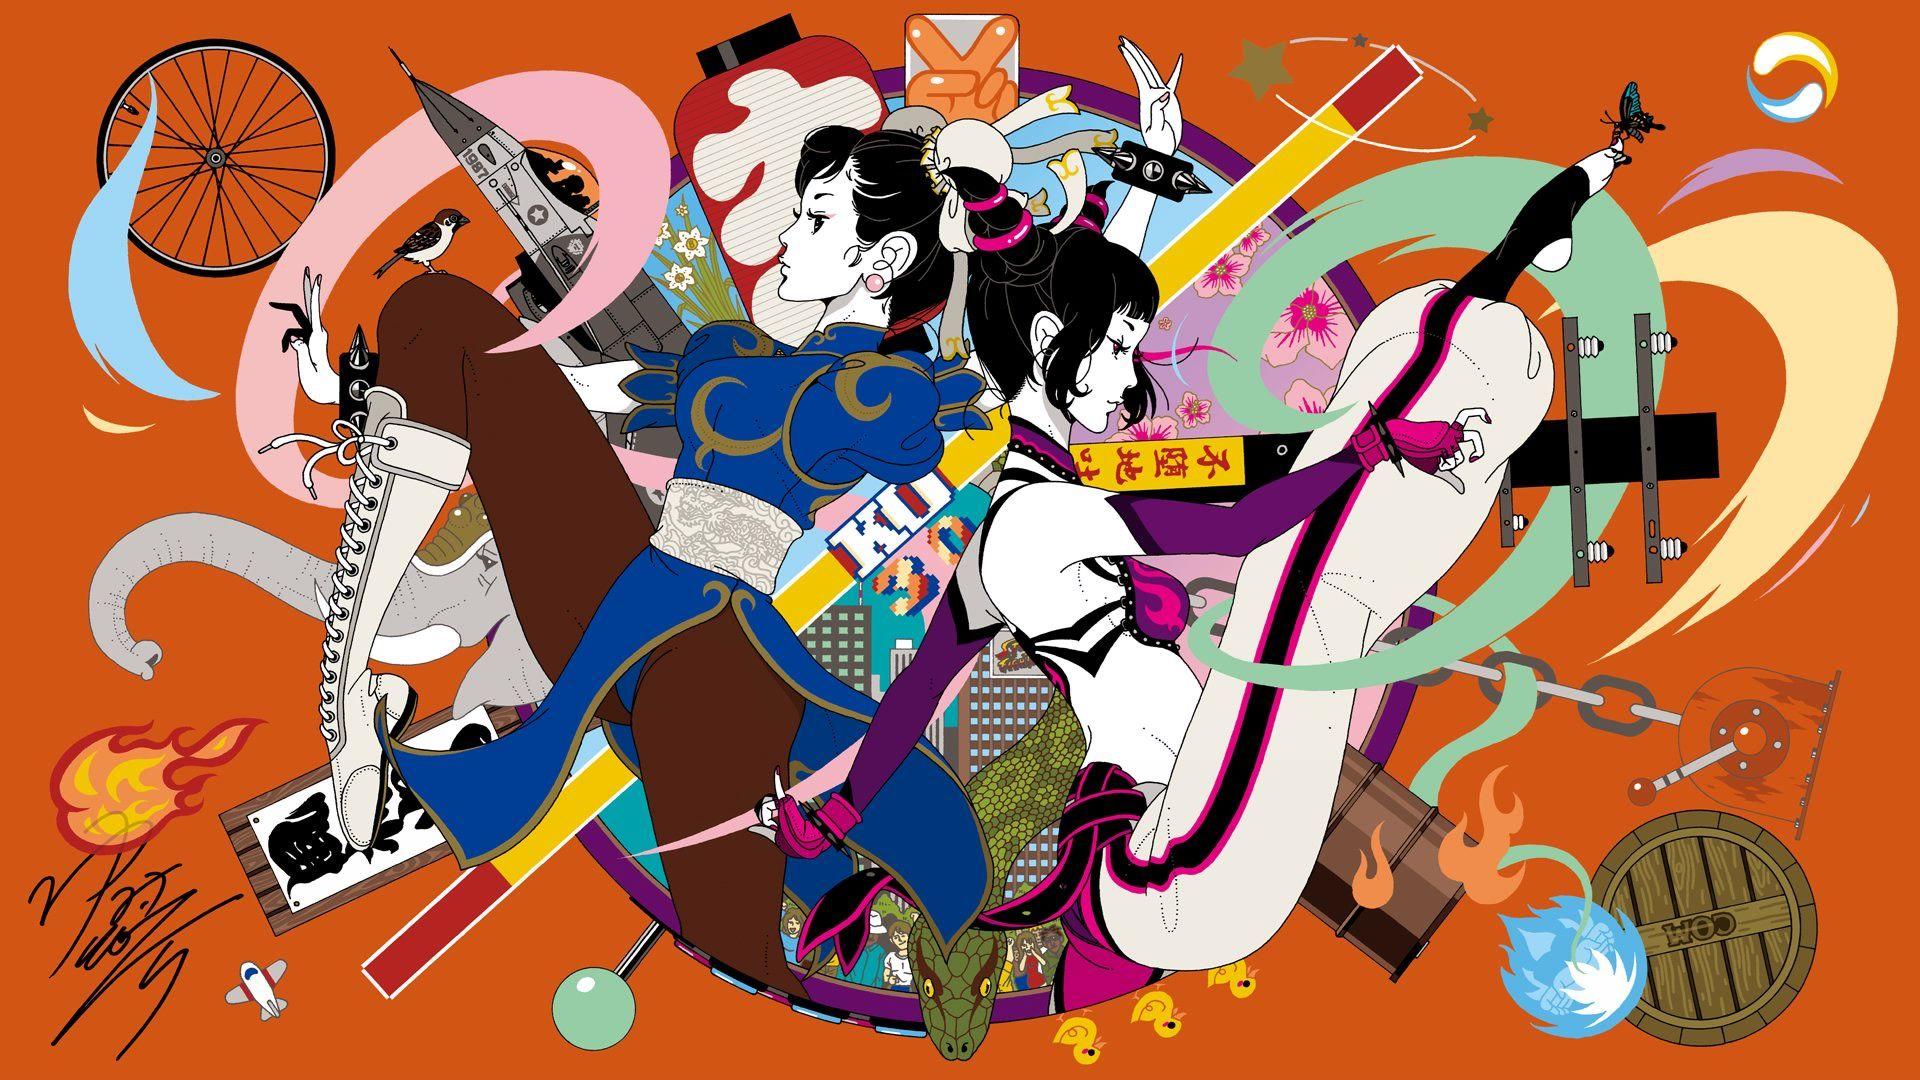 中村佑介 ジャケ全集 Play どっちも描いてるから僕も混ぜて混ぜて 笑 Capcom Vs 手塚治虫 Characters